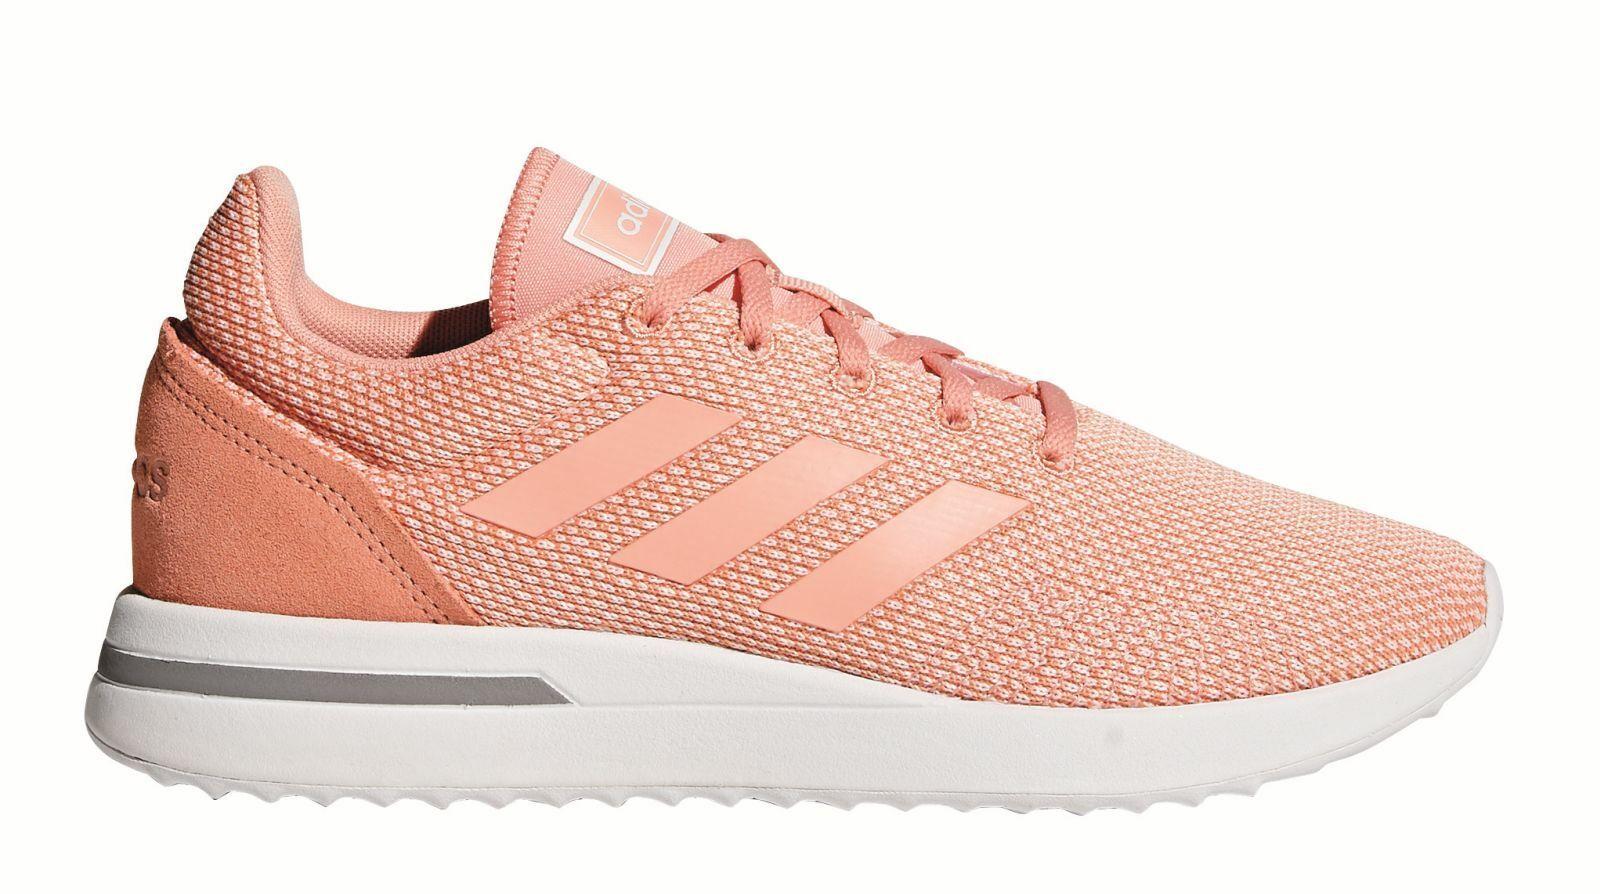 ADIDAS Core Donna Tempo Libero scarpe da da da ginnastica Scarpa rosa run70s | Negozio famoso  | Maschio/Ragazze Scarpa  d34bde